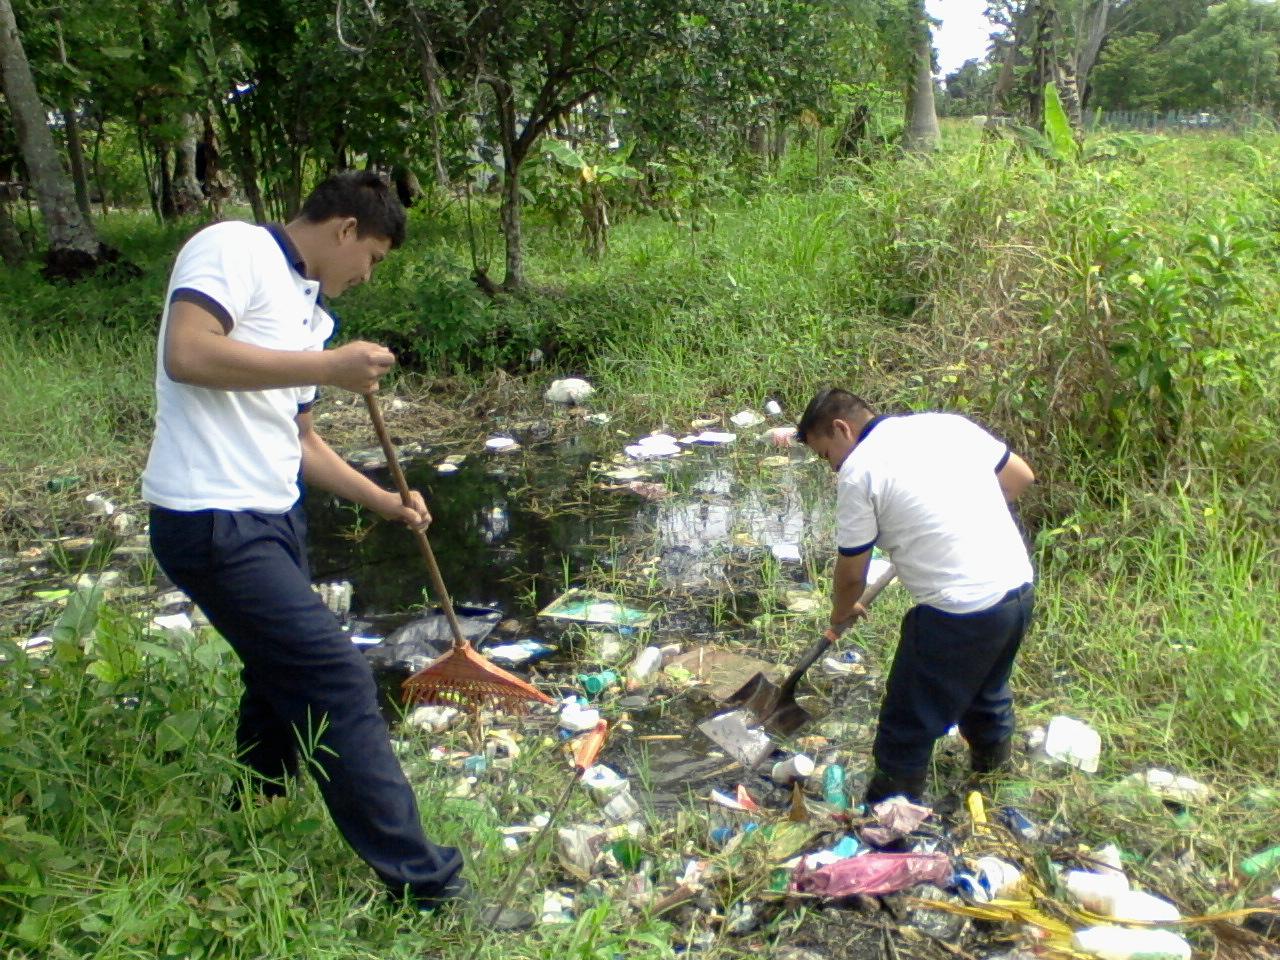 LA CONTAMINACION EN MI COMUNUDAD: La contaminacion en mi comunidad